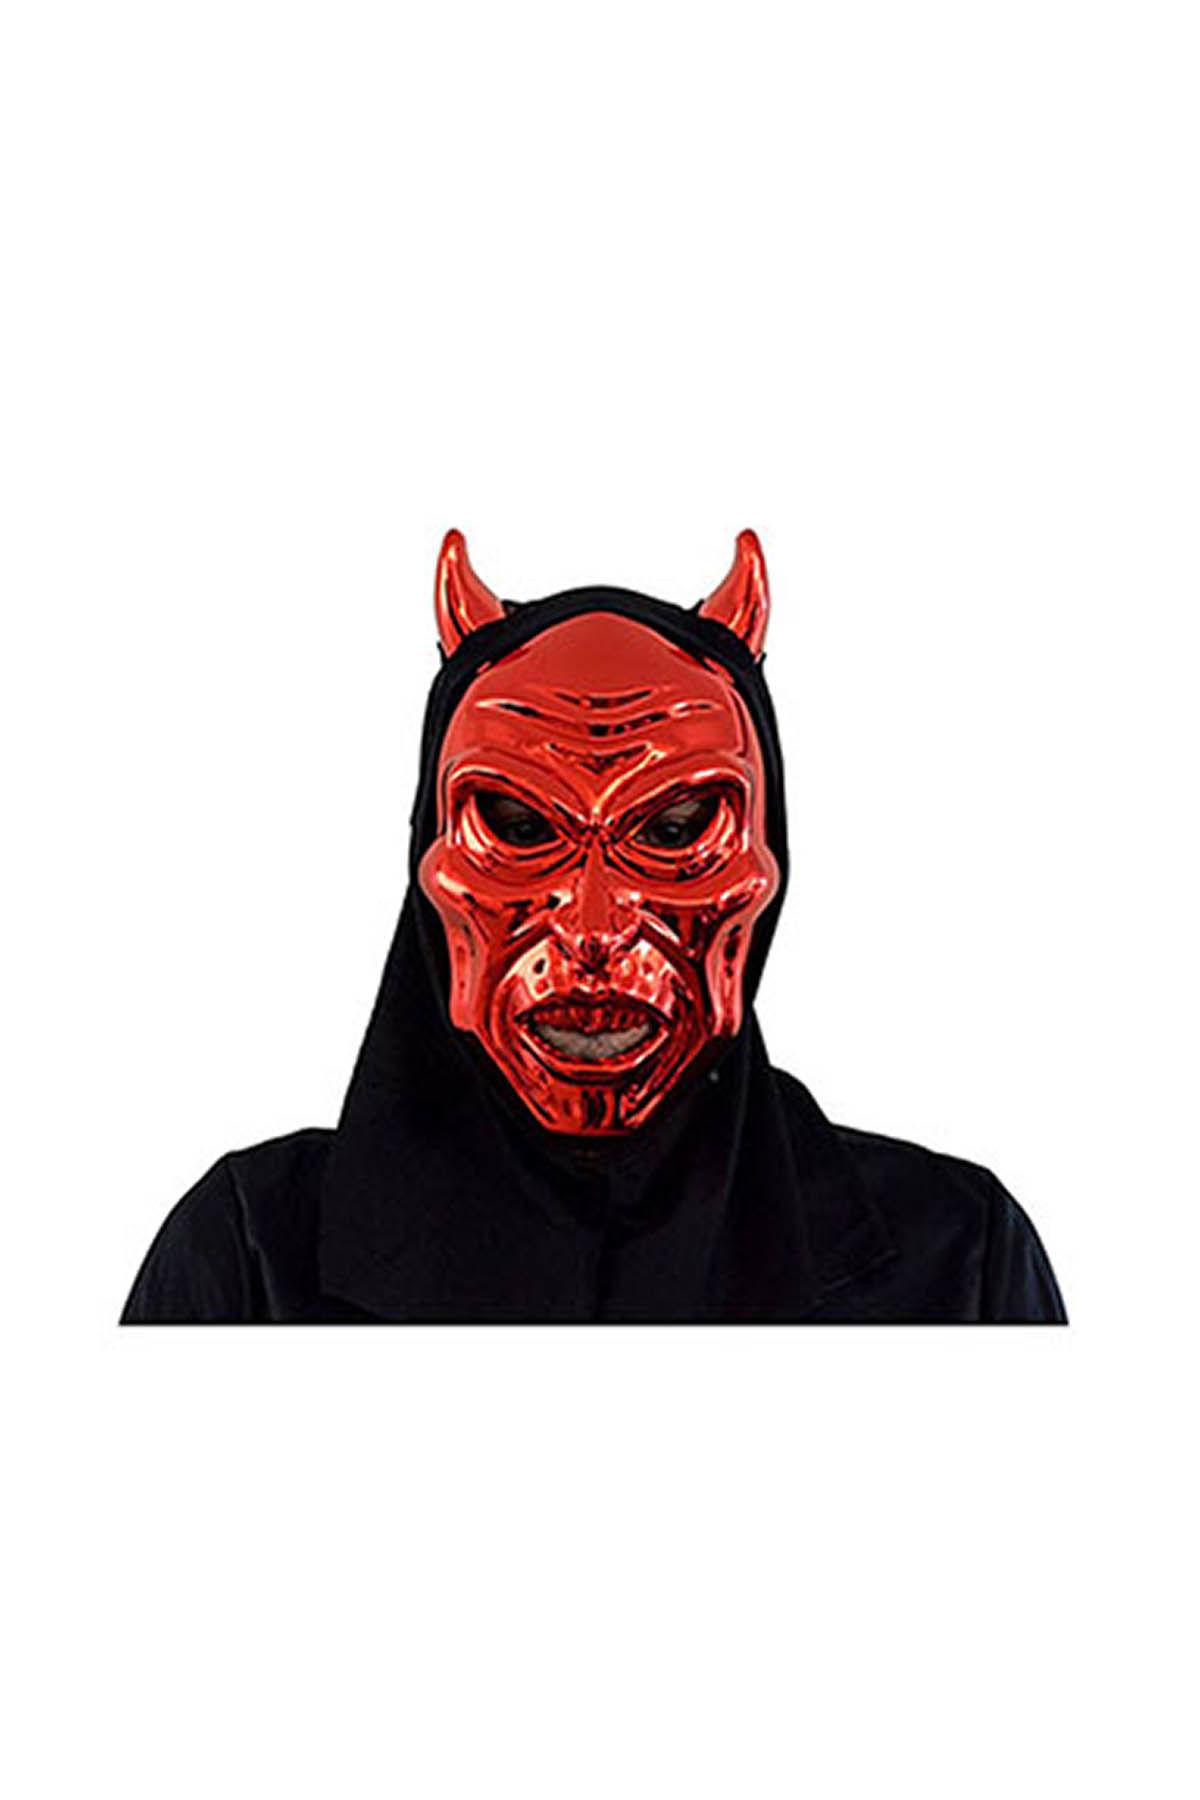 Cadılar Bayramı-Halloween Pelerinli Kırmızı Şeytan Maske